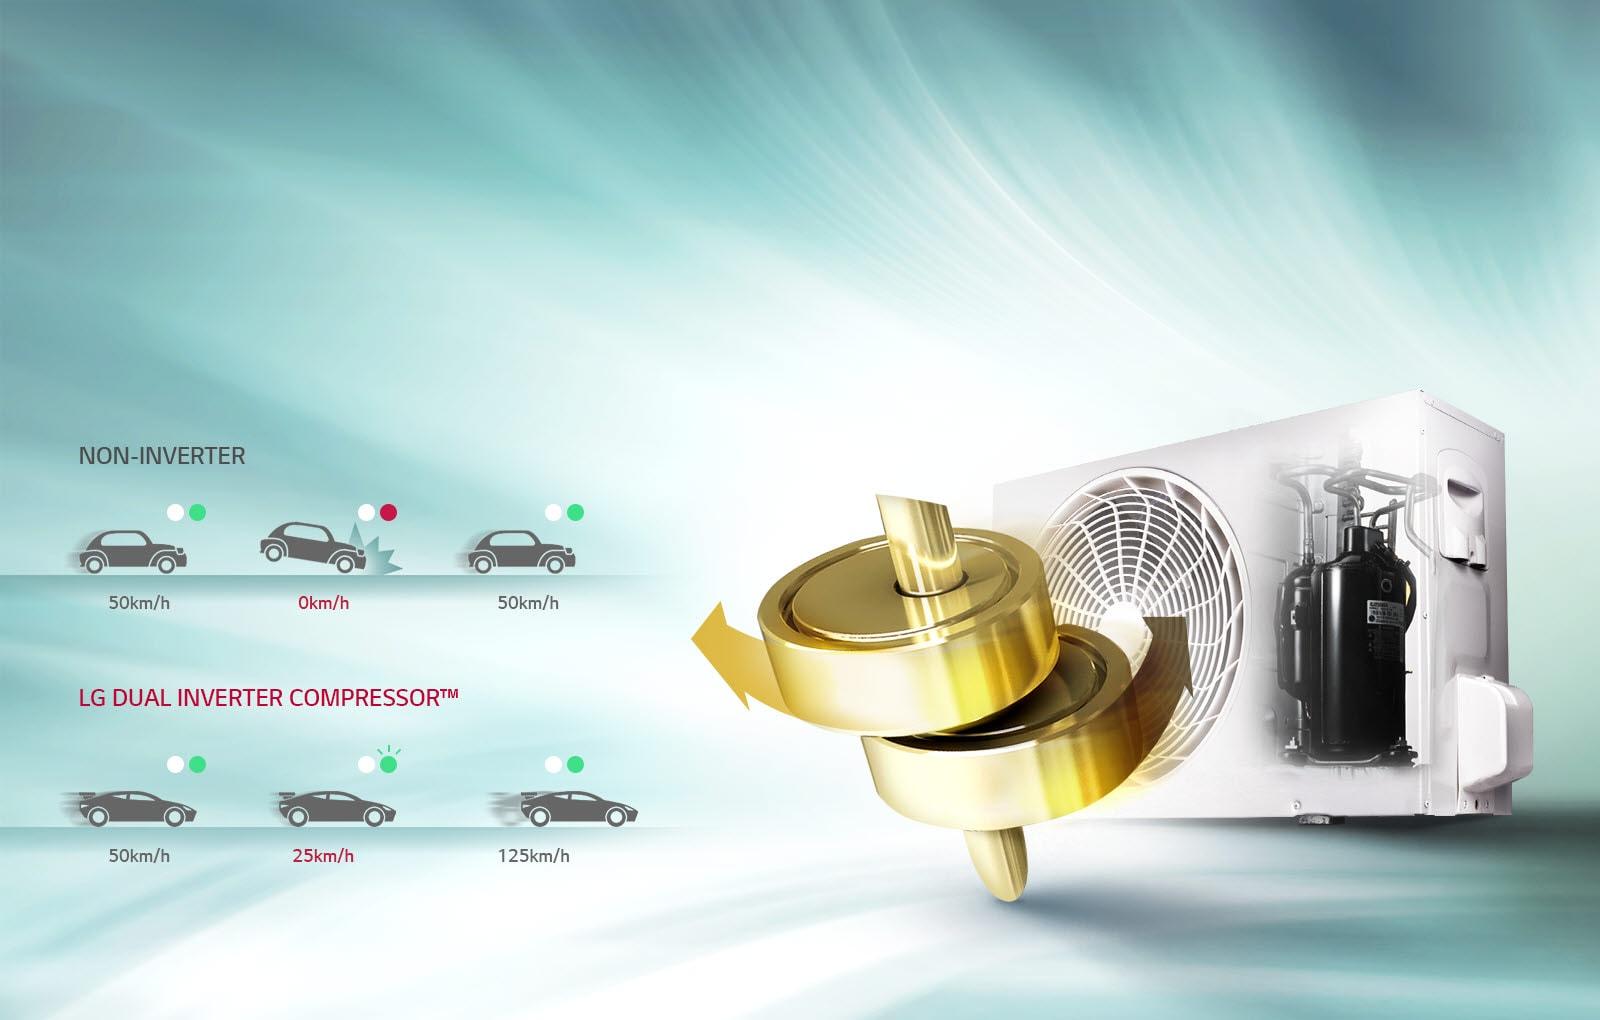 04-I27SCP-Dual_Inverter_Compressor_110219-D